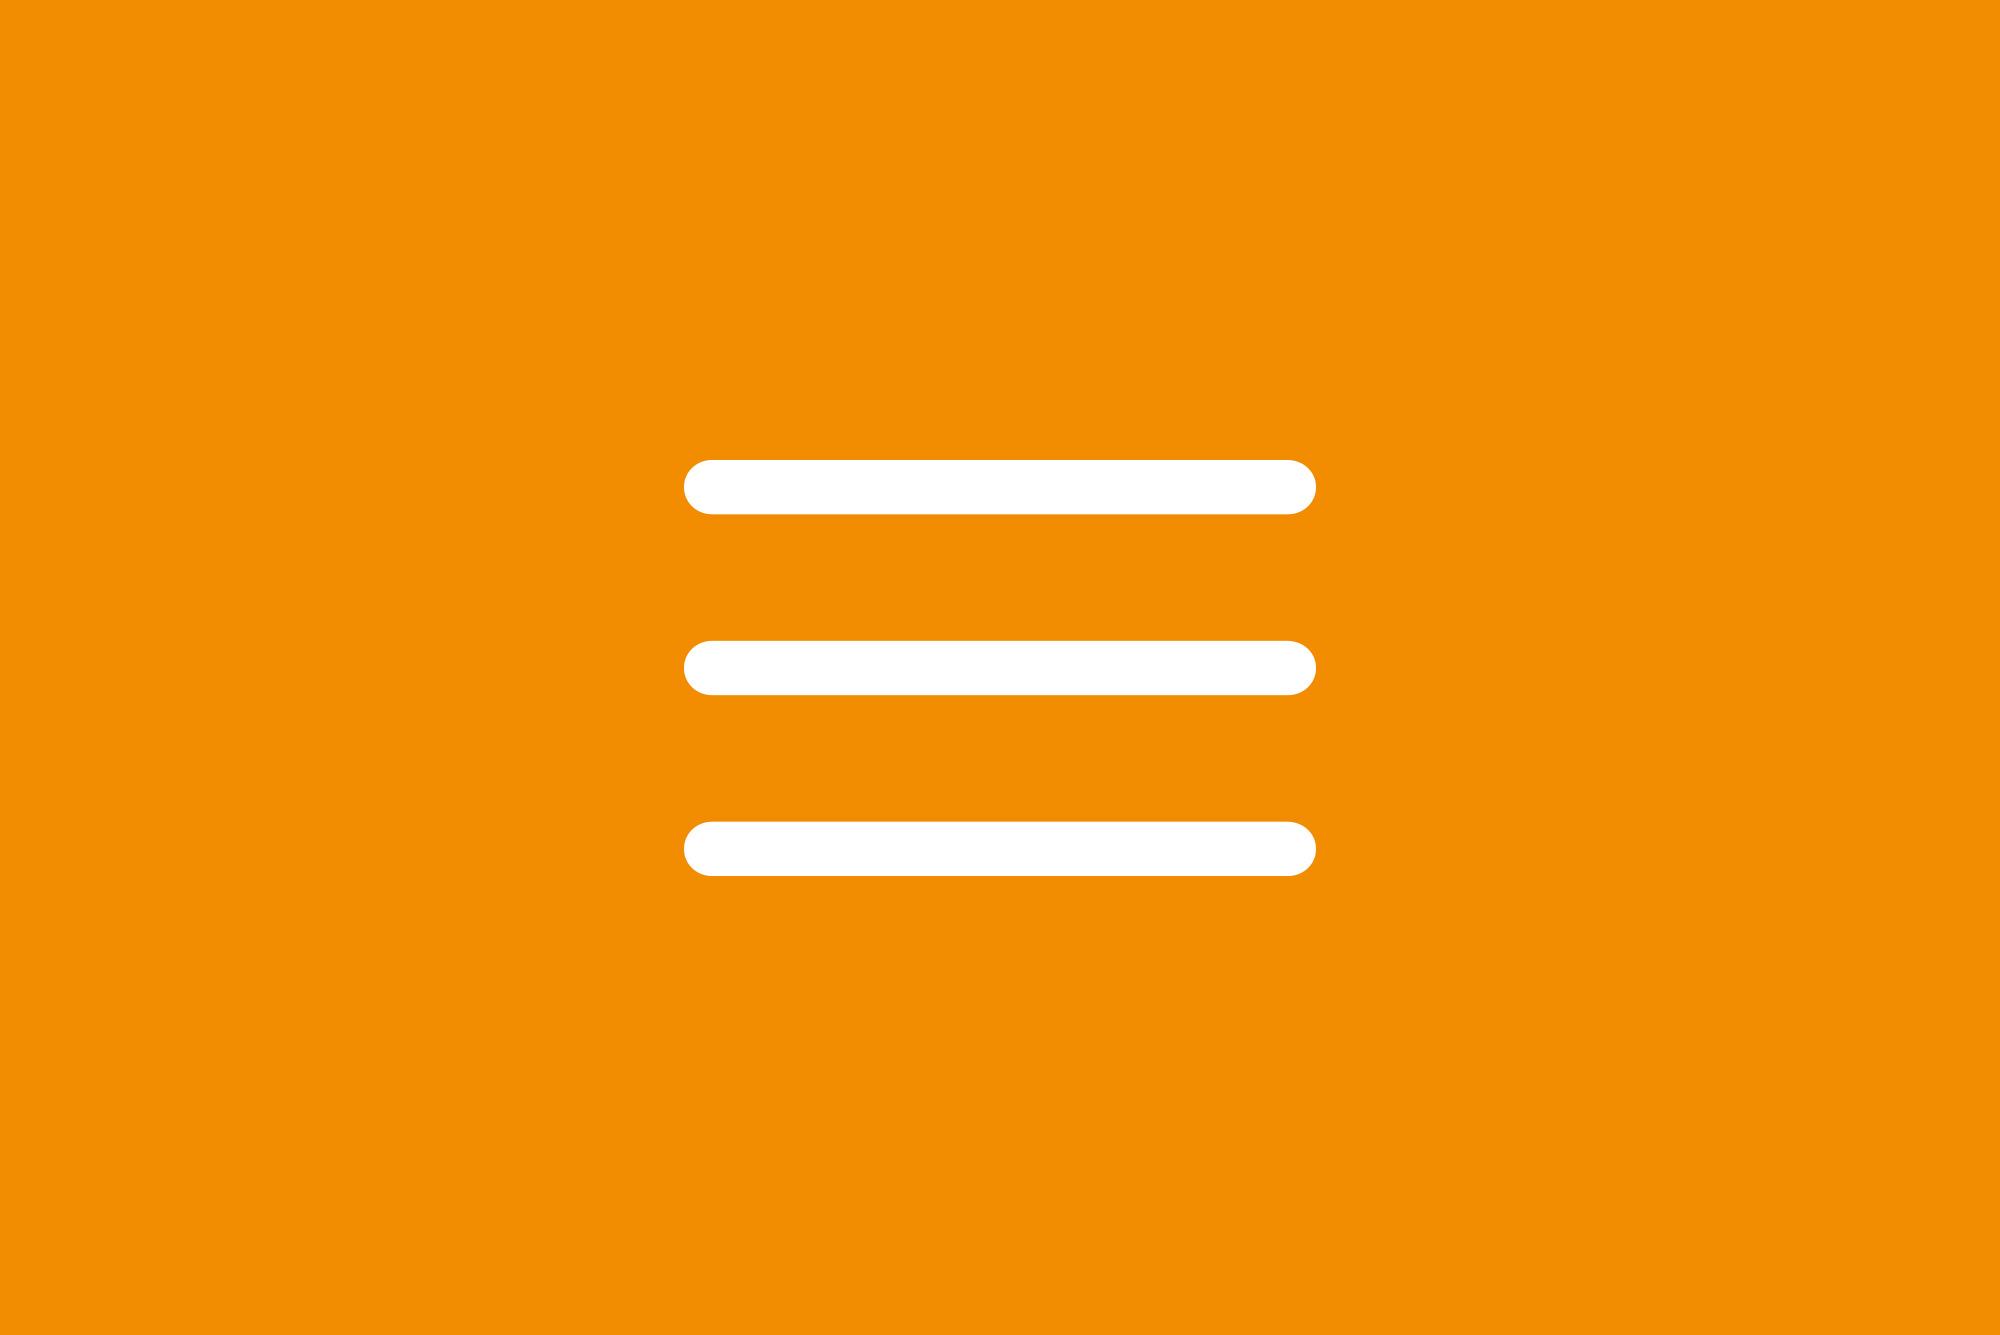 Hamburger icon on orange background